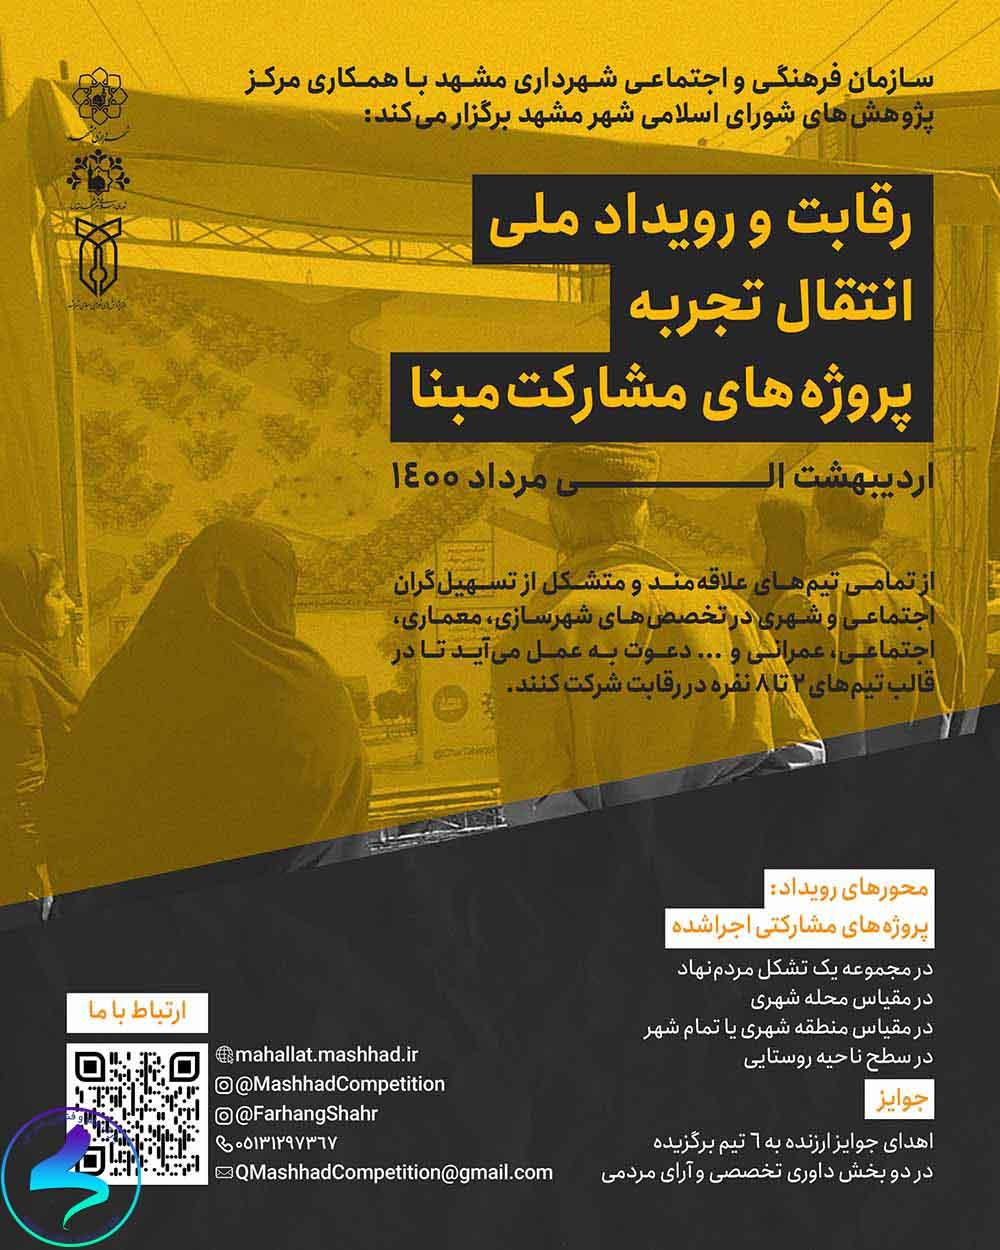 برگزاری رویداد انتقال تجربه پروژههای مشارکت مبنا